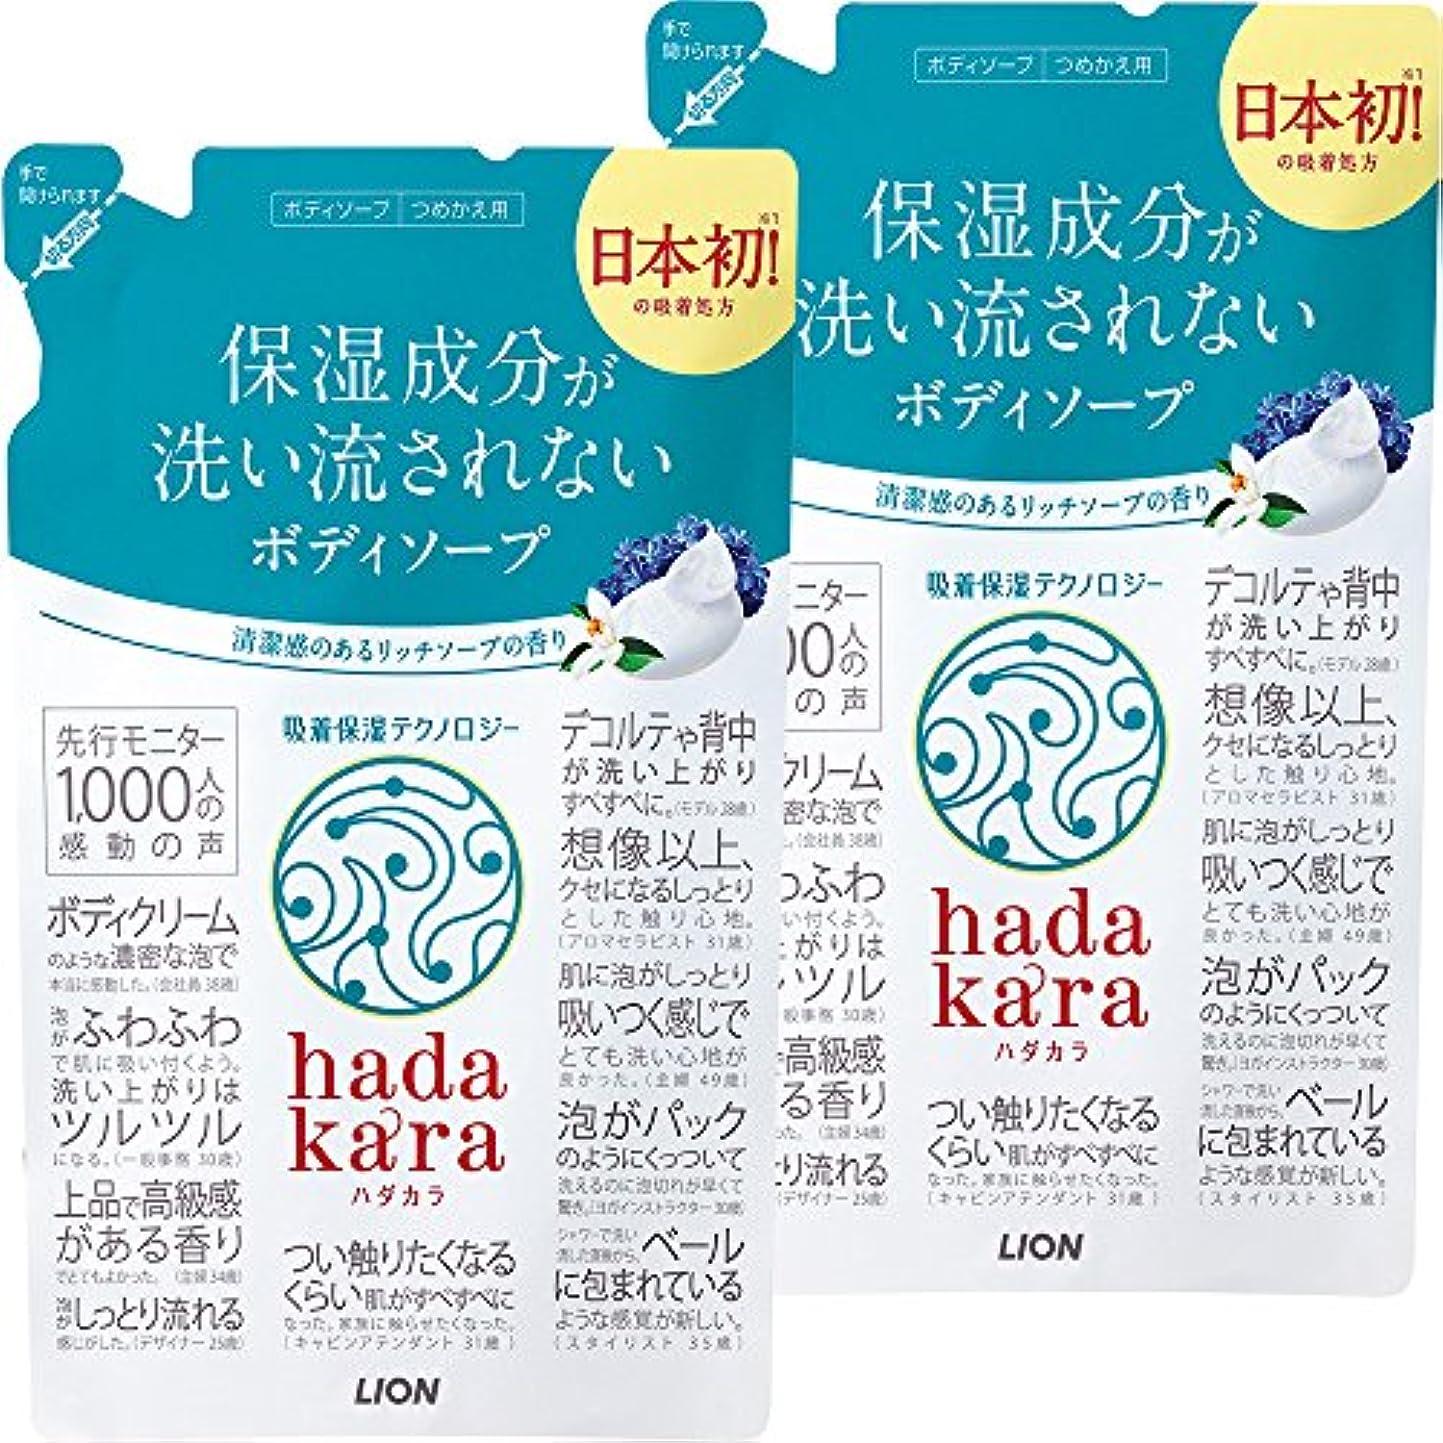 区画絶えず半円【まとめ買い】hadakara(ハダカラ) ボディソープ リッチソープの香り 詰め替え 360ml×2個パック